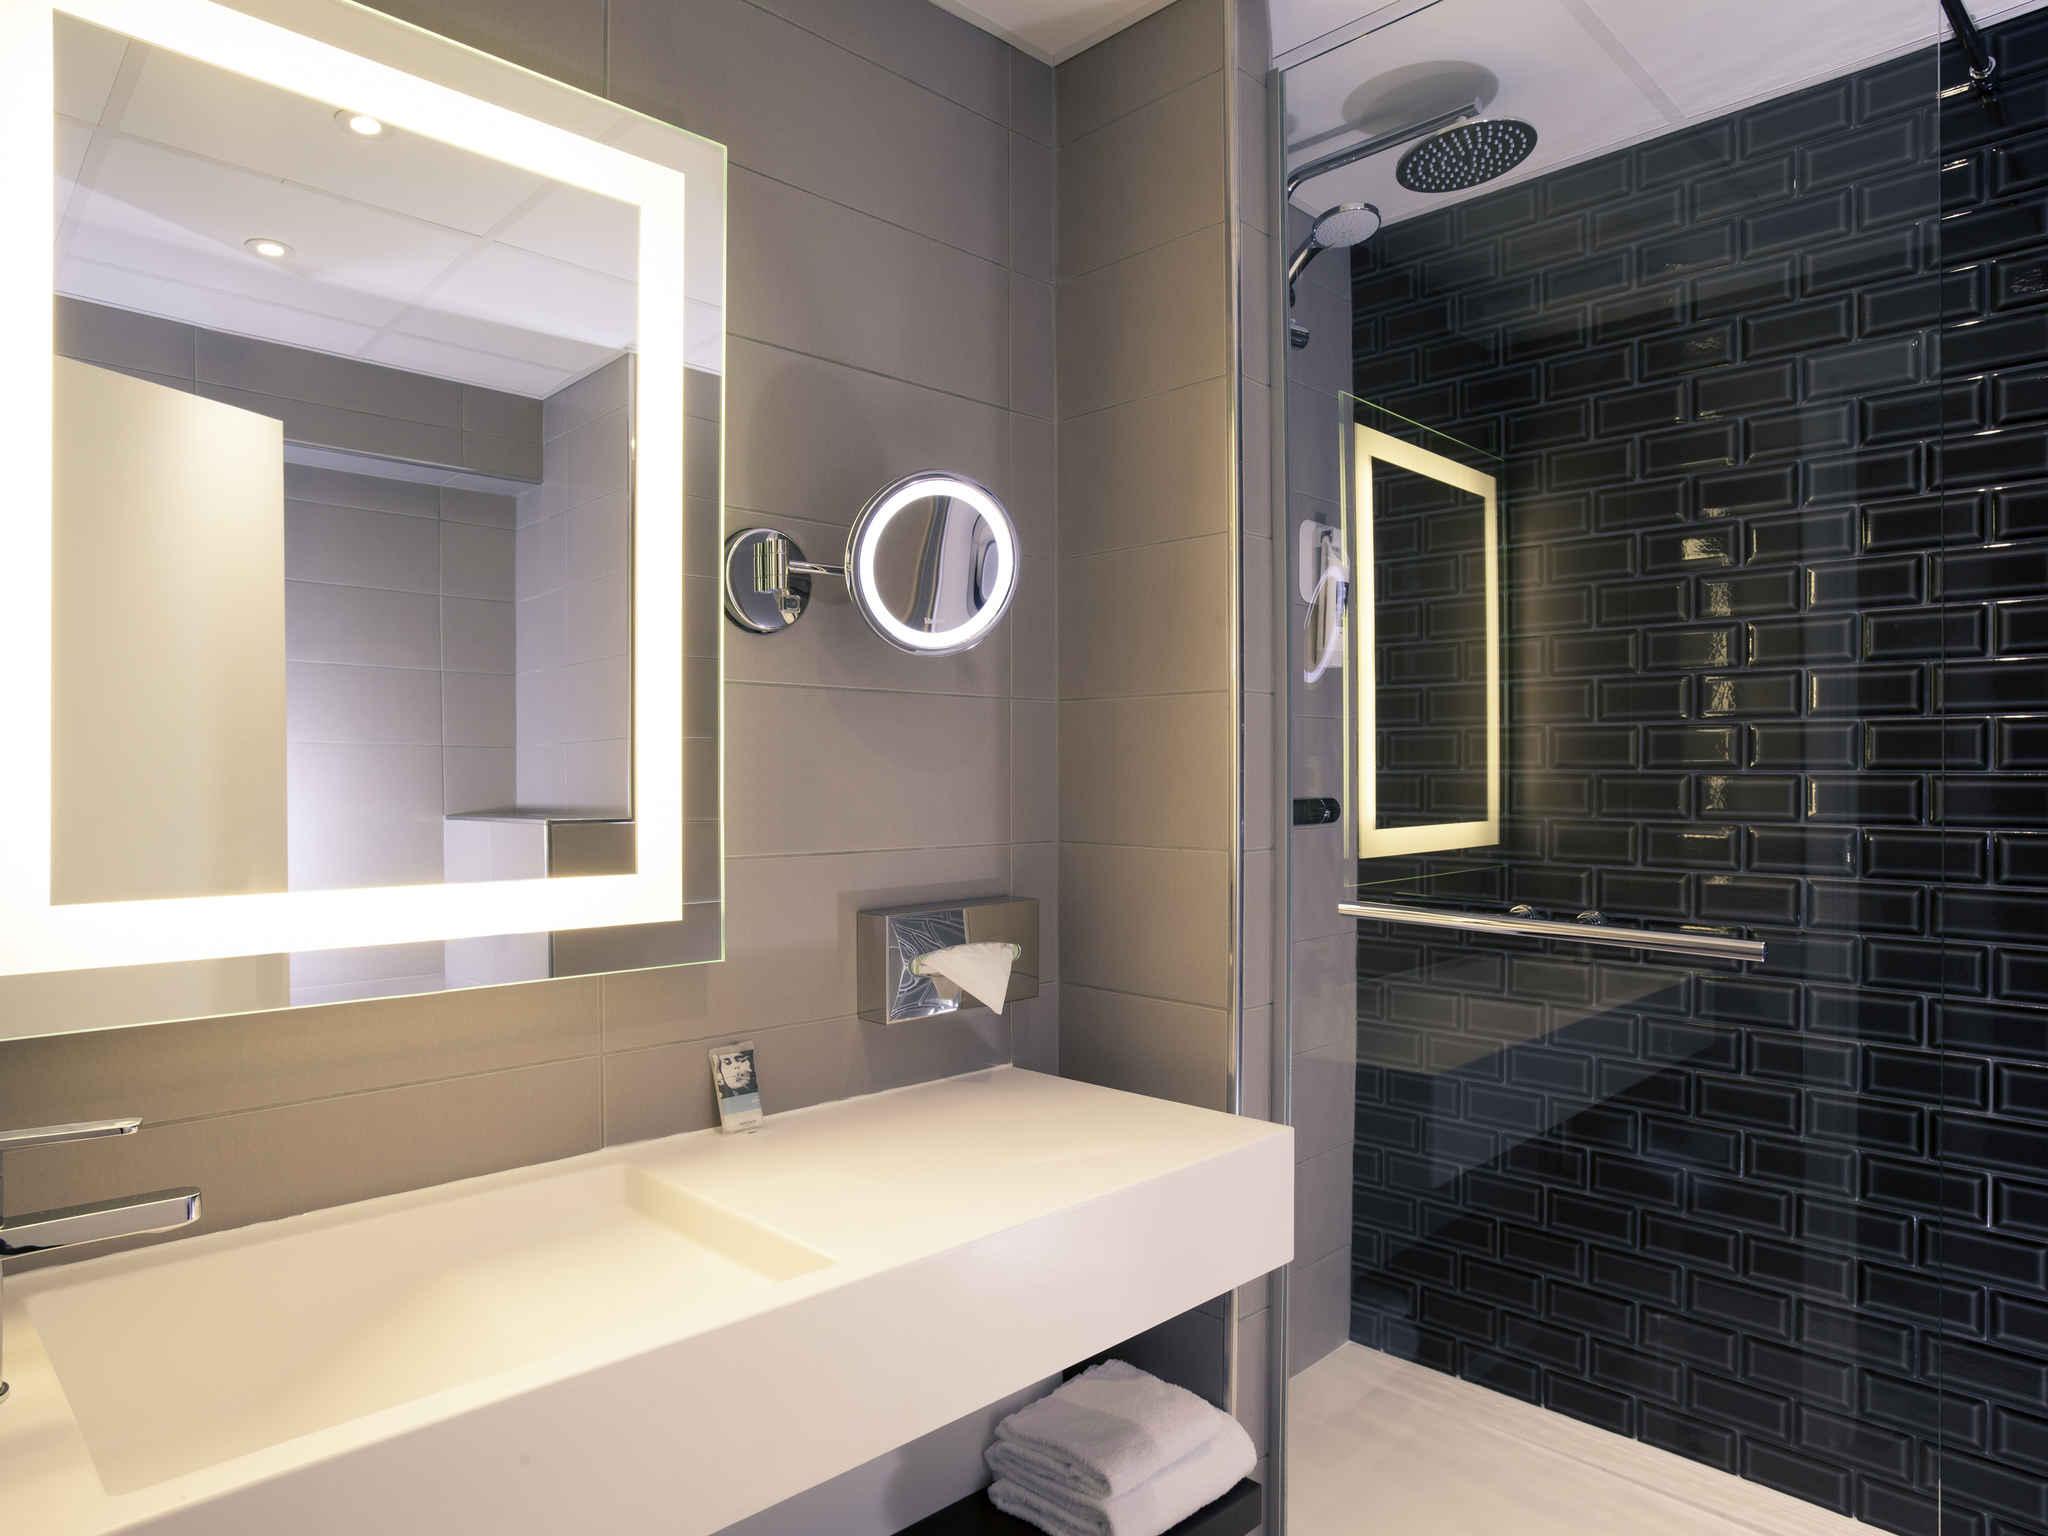 neon pas cher pour maison maison en bois en utilisant plafonnier tube neon pour cuisine gnial. Black Bedroom Furniture Sets. Home Design Ideas